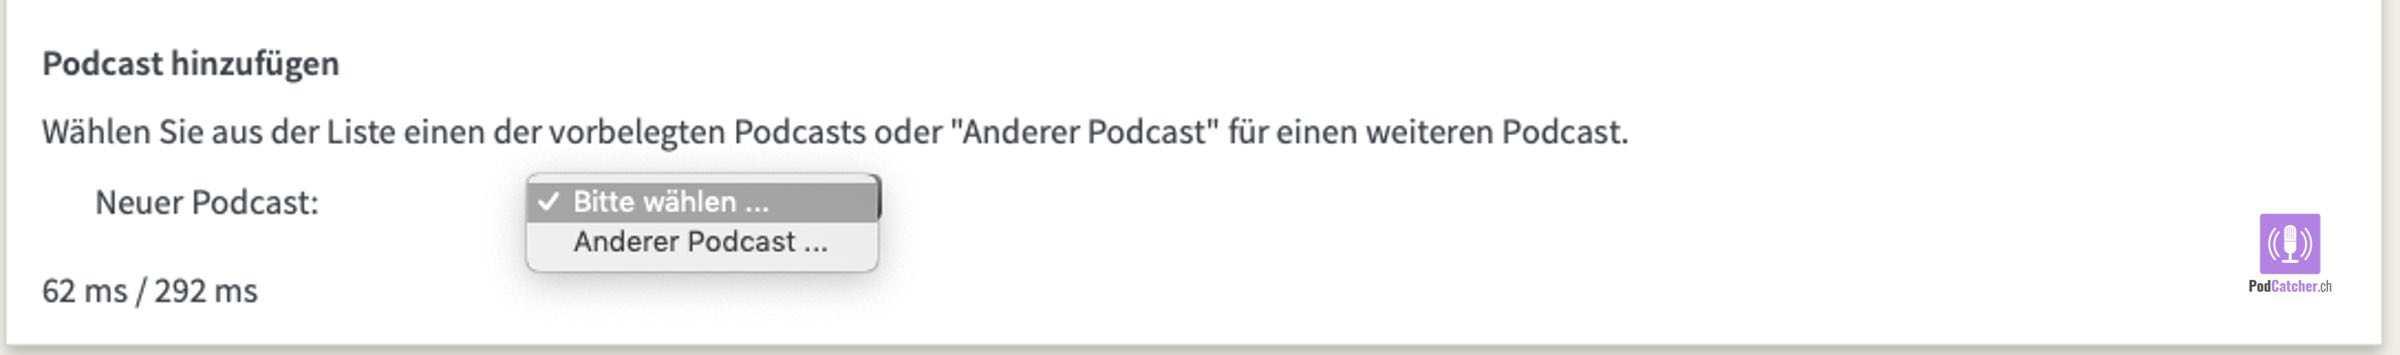 Einen neuen Podcast hinzufügen